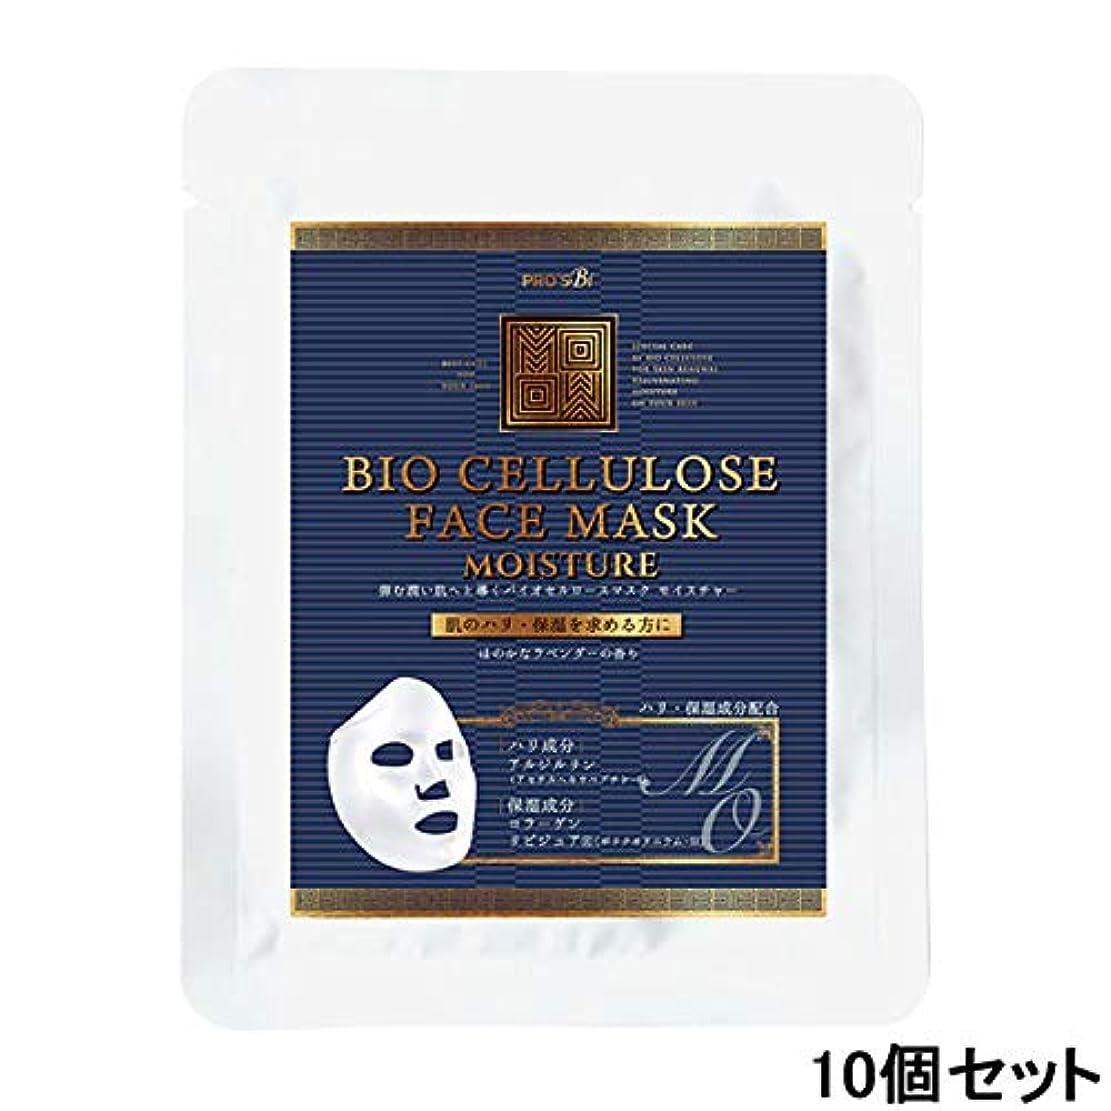 コンバーチブル空白航海のプロズビ バイオセルロースマスク モイスチャー (10個セット) [ フェイスマスク フェイスシート フェイスパック フェイシャルマスク シートマスク フェイシャルシート フェイシャルパック ローションマスク ローションパック 顔パック ]